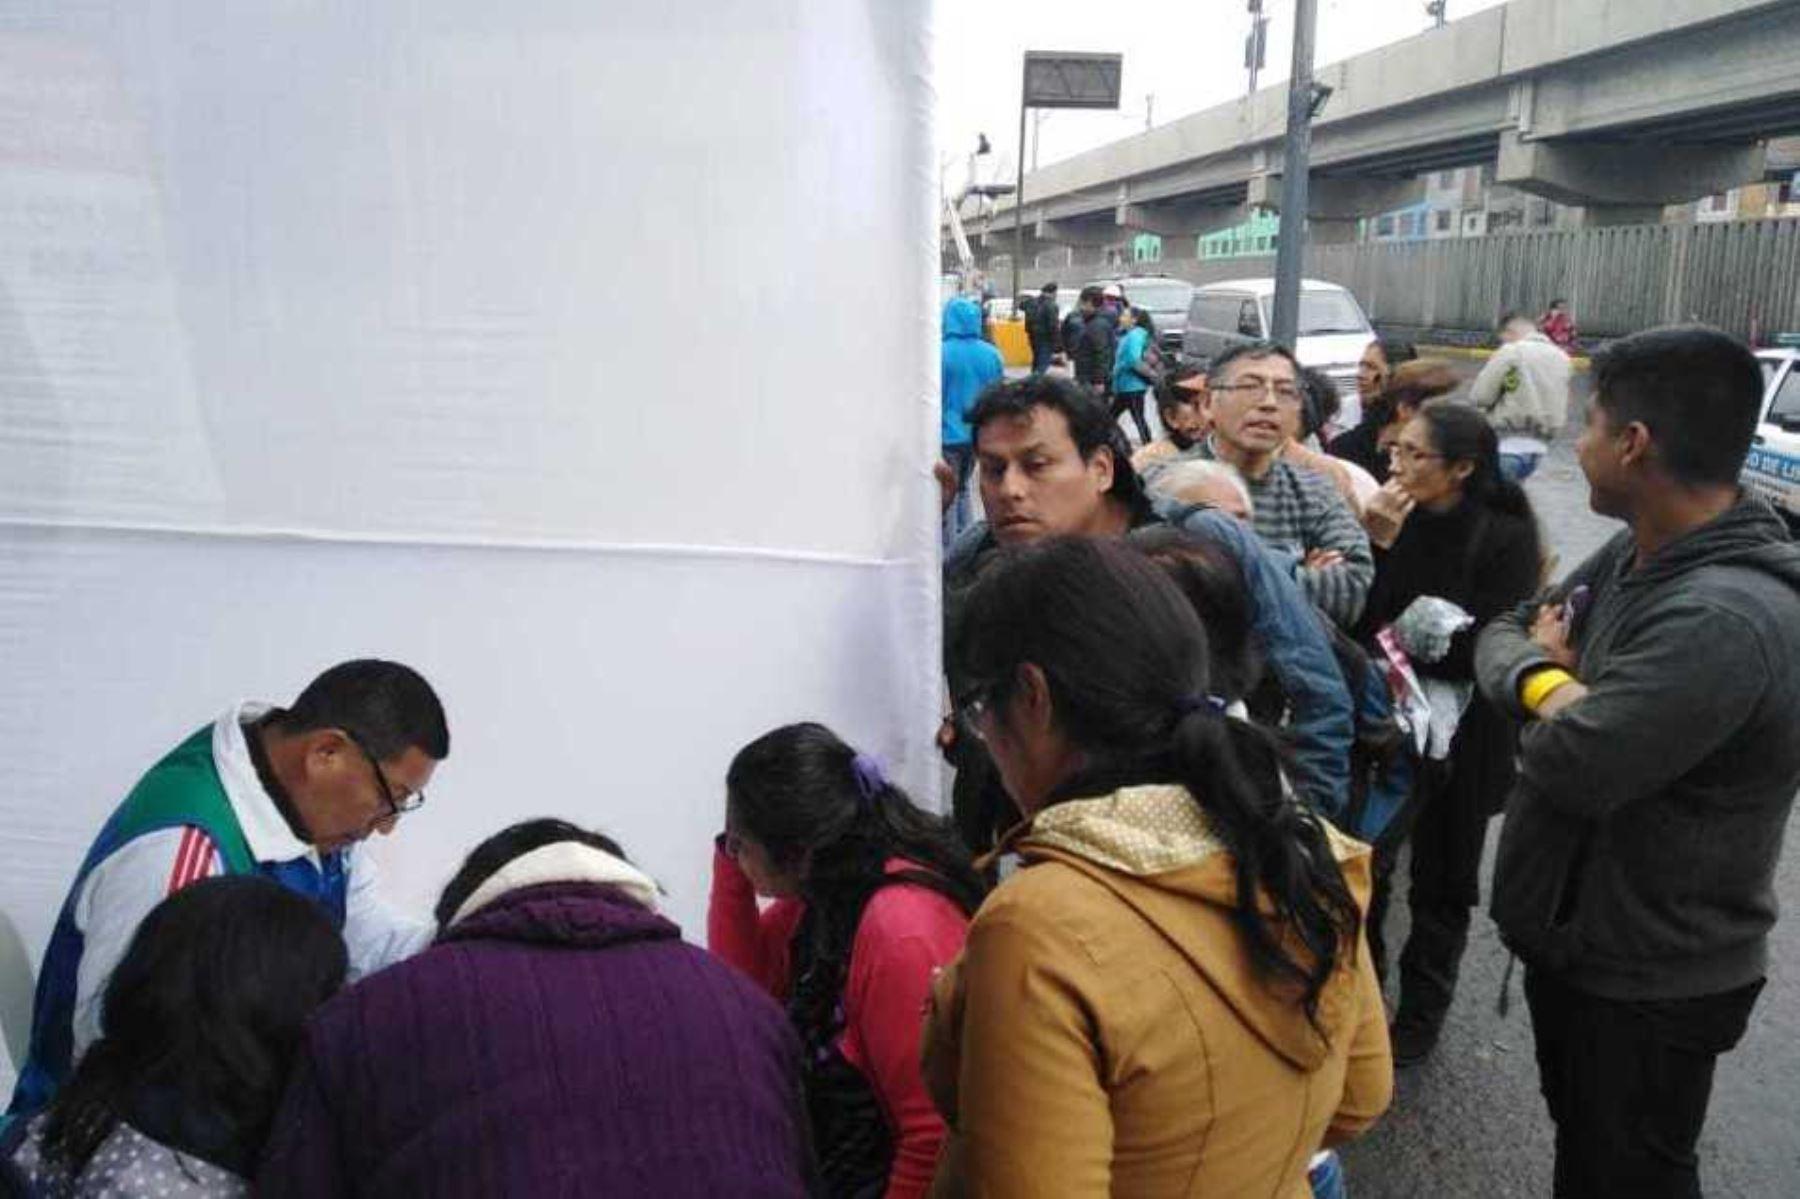 Comerciantes informales de av. Aviación se empadronan para acceder a los 2,400 puestos que están en alquiler en el Cercado de Lima. Foto: ANDINA/Difusión.